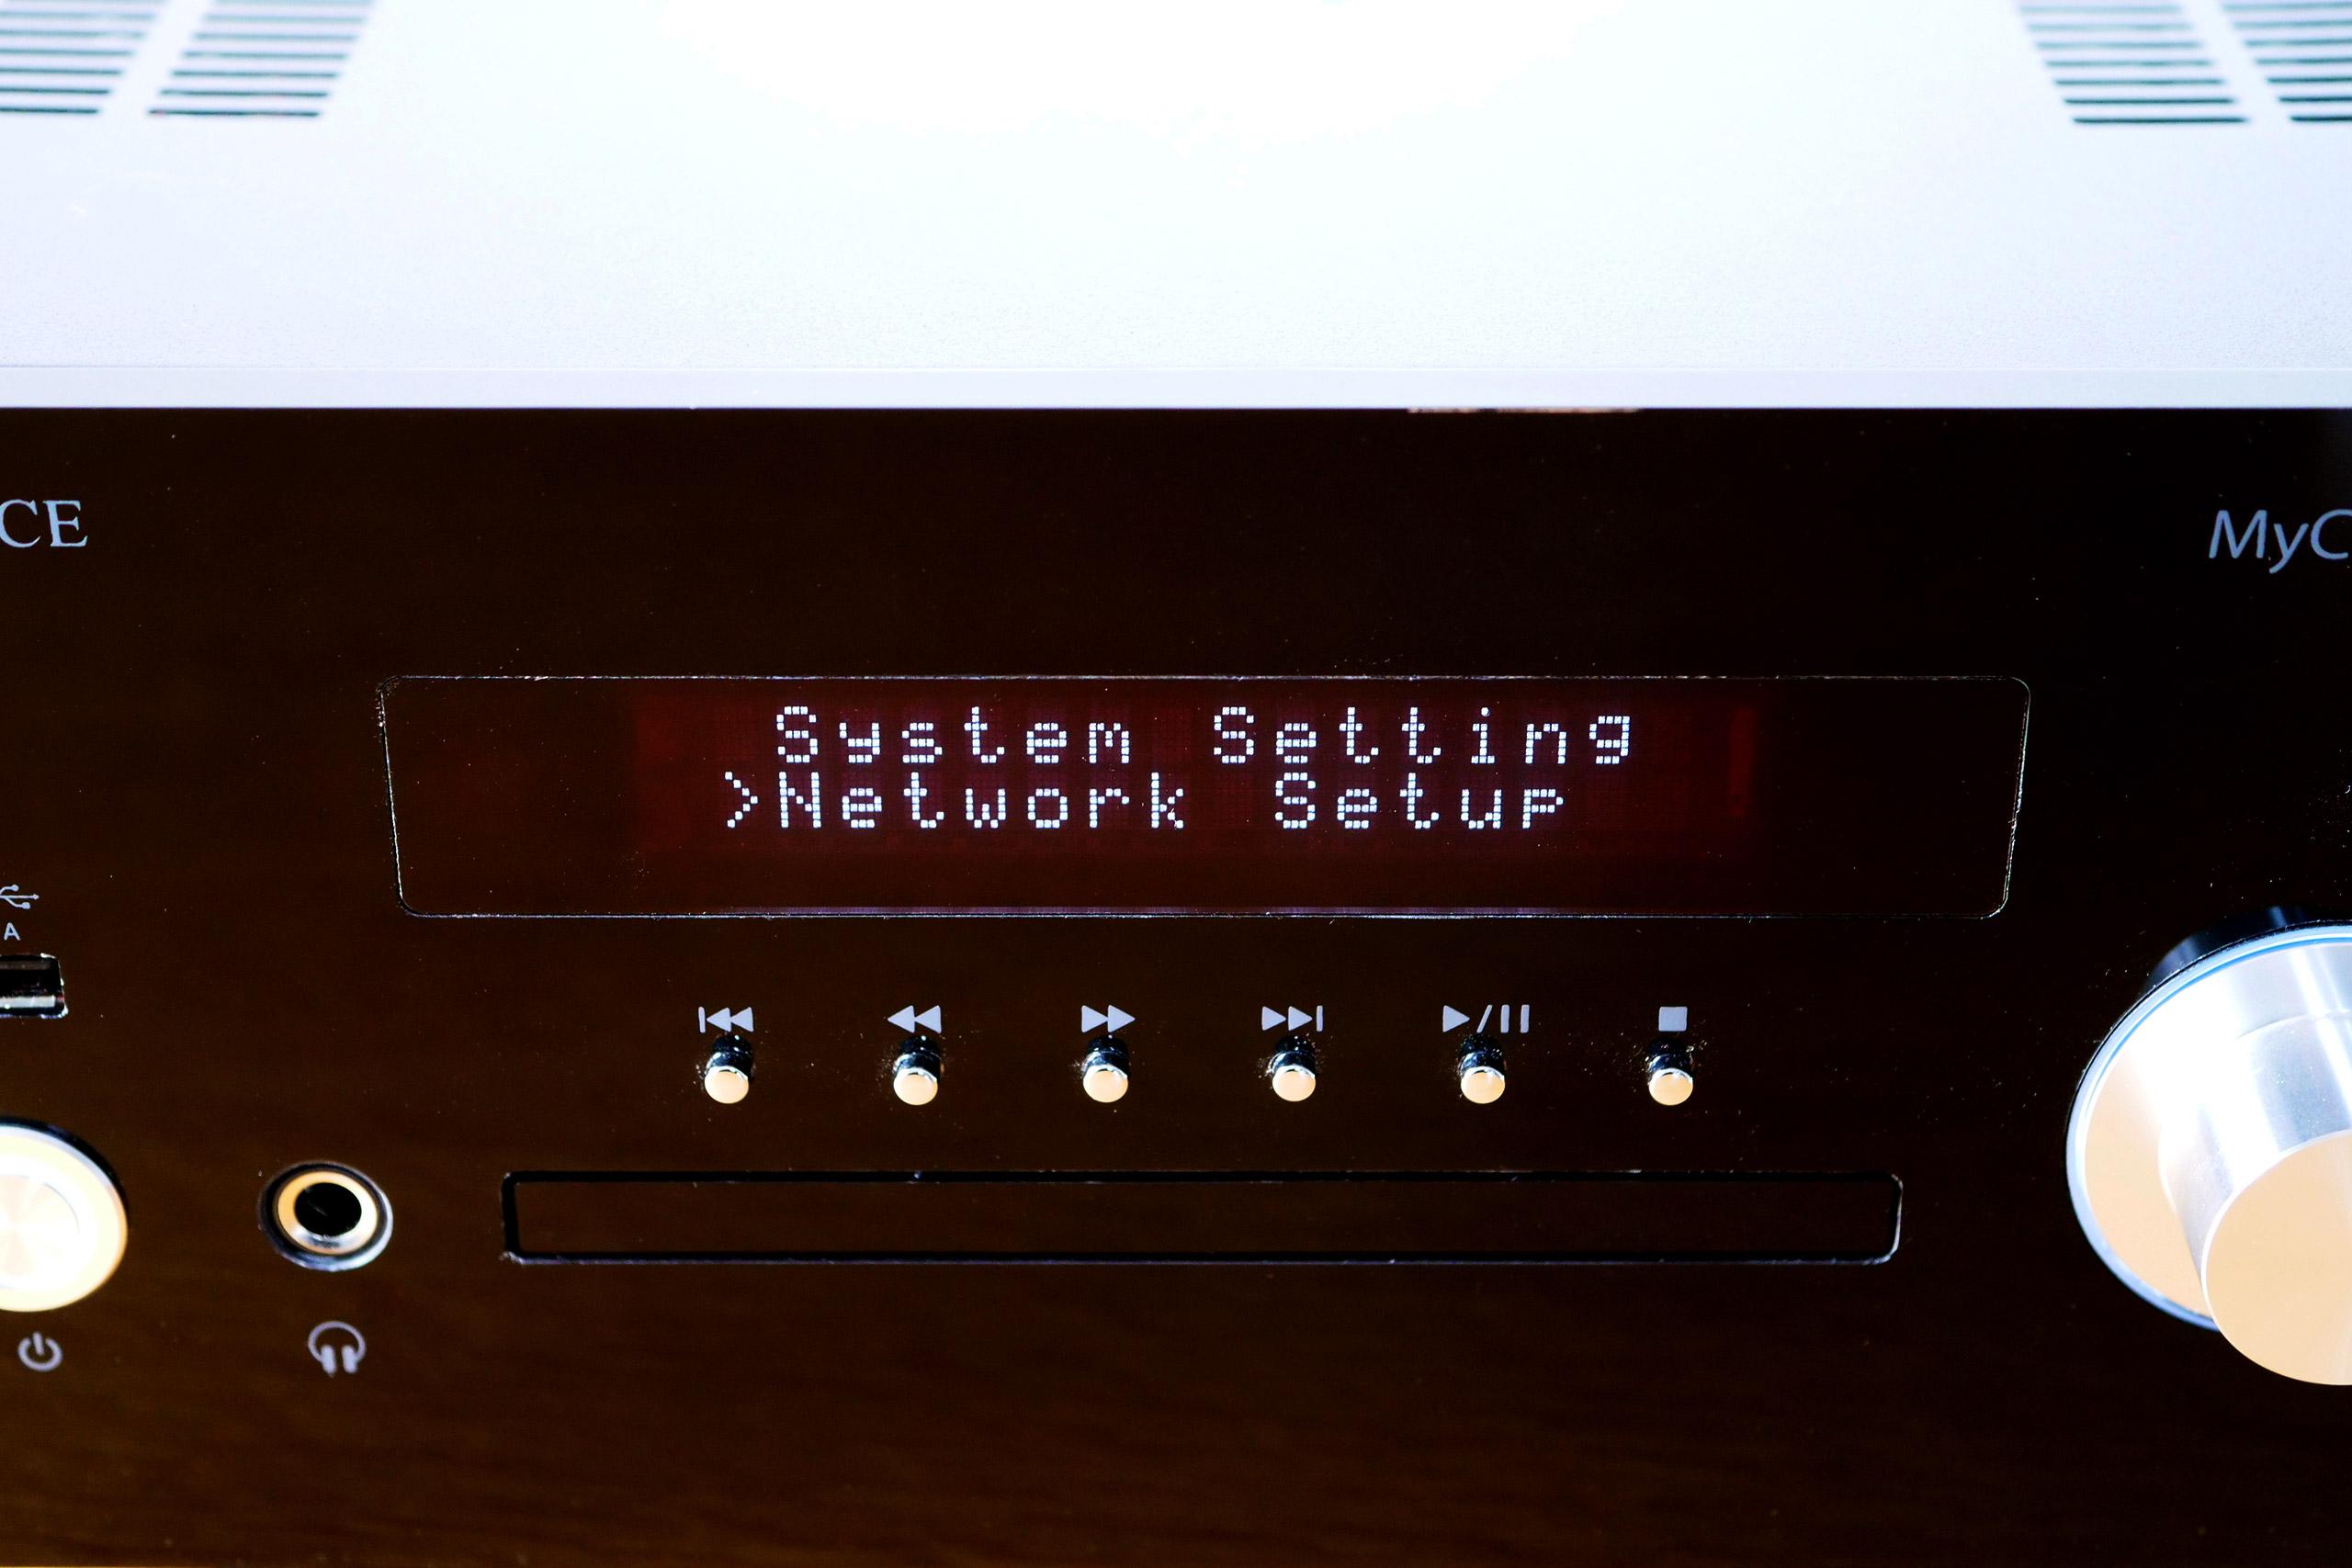 L'afficheur textuel sur deux lignes informe du titre en cours de lecture. Il sert également au paramétrage de l'appareil.